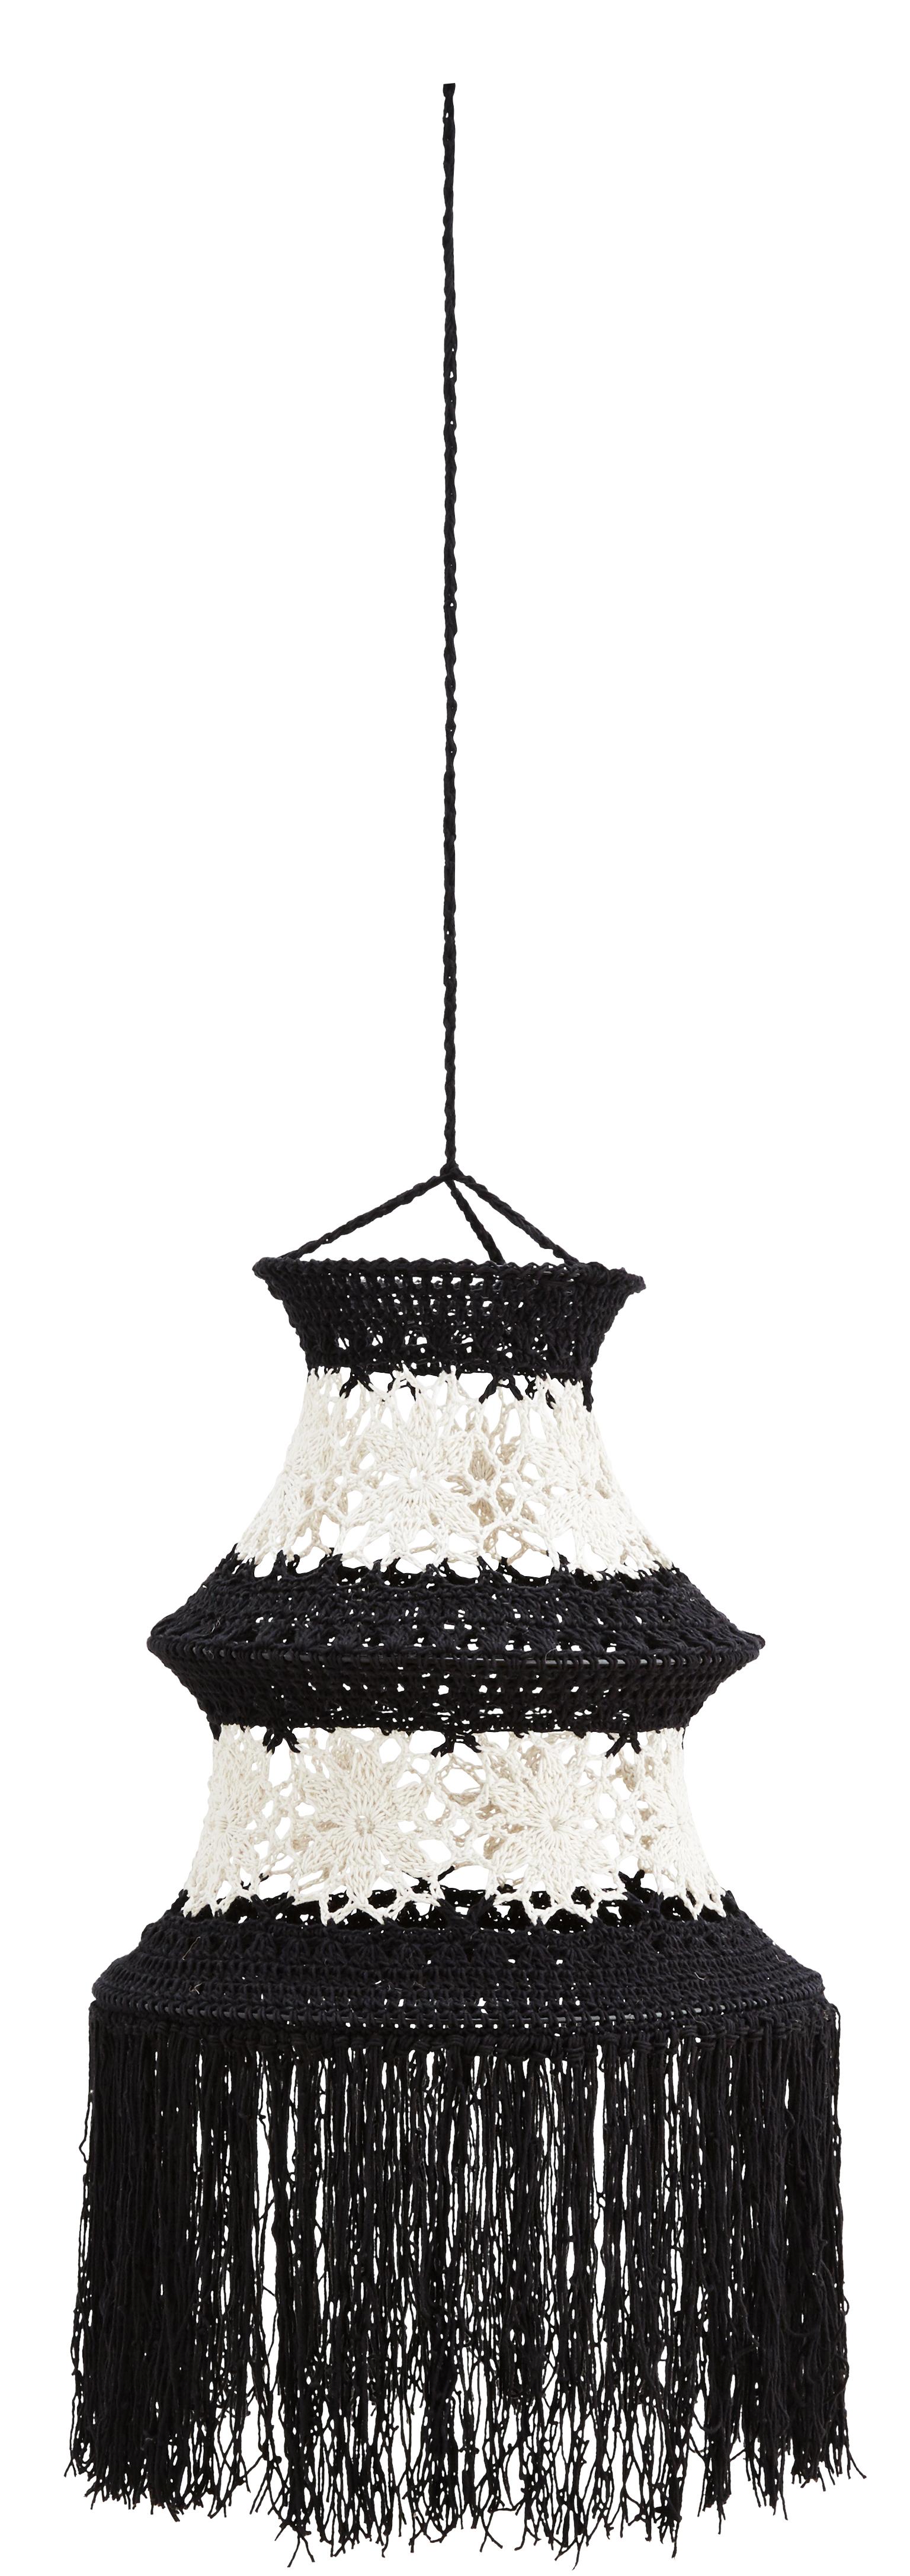 geh kelte lampe schwarz wei popshop skandinavische einrichtung und vintagekleider. Black Bedroom Furniture Sets. Home Design Ideas